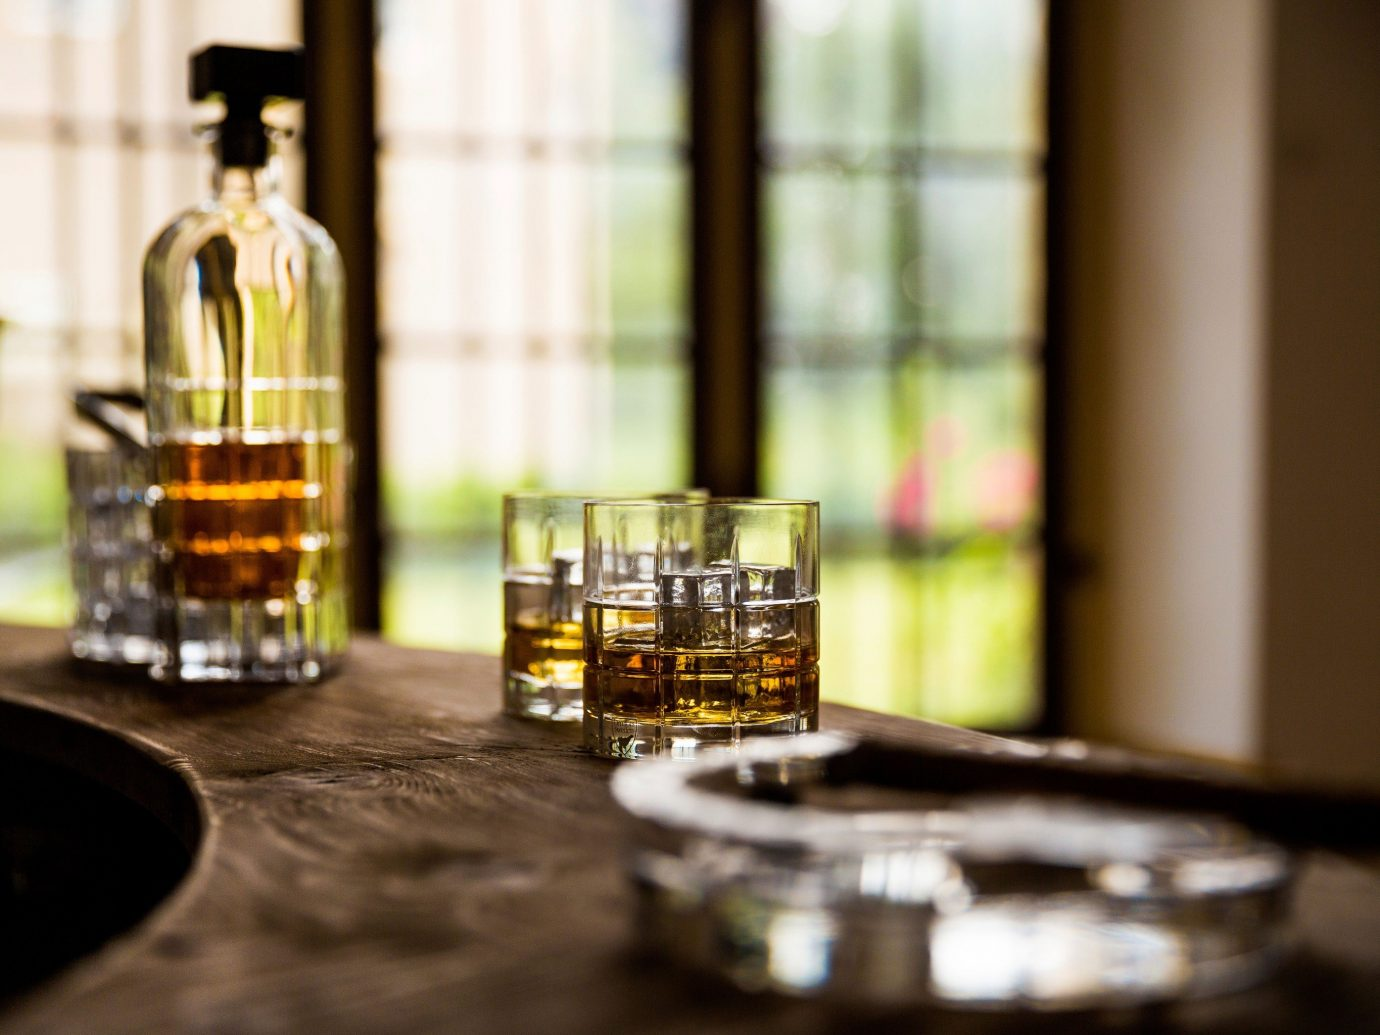 Offbeat table wine indoor glasses glass distilled beverage Drink lighting liqueur Bar Design counter whisky